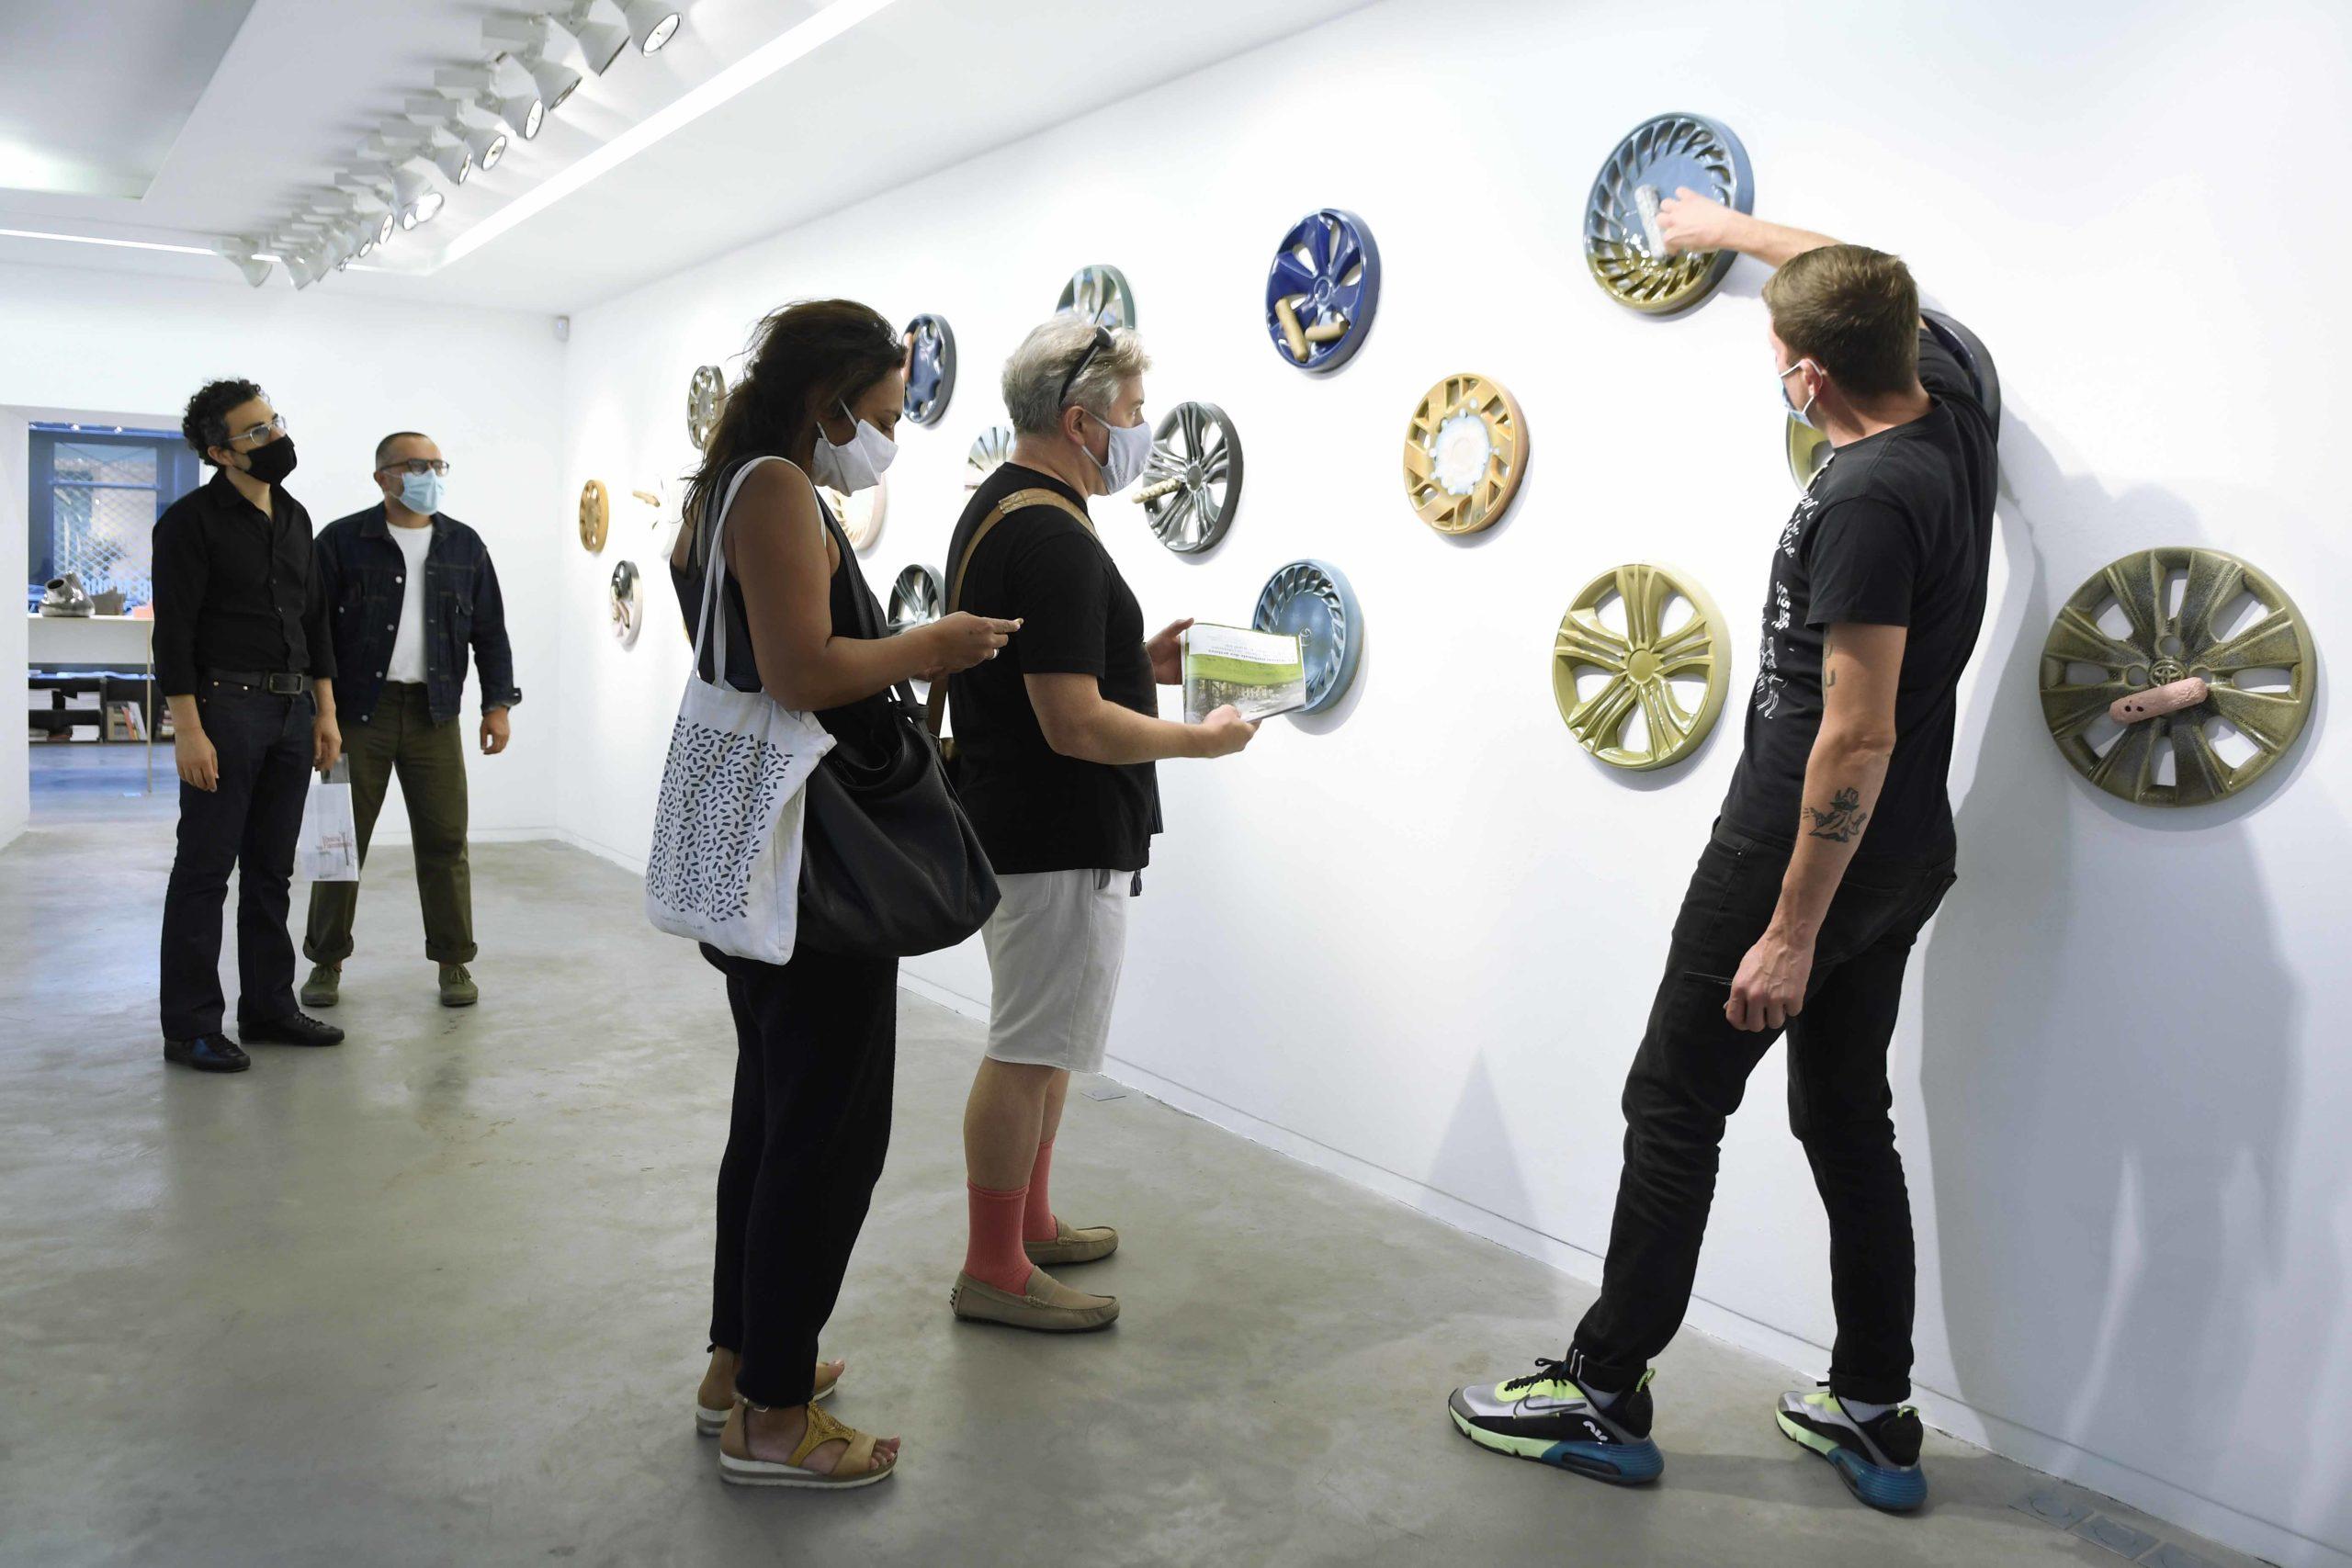 Un Dimanche à la galerie - Comité Professionnel des Galeries d'Art